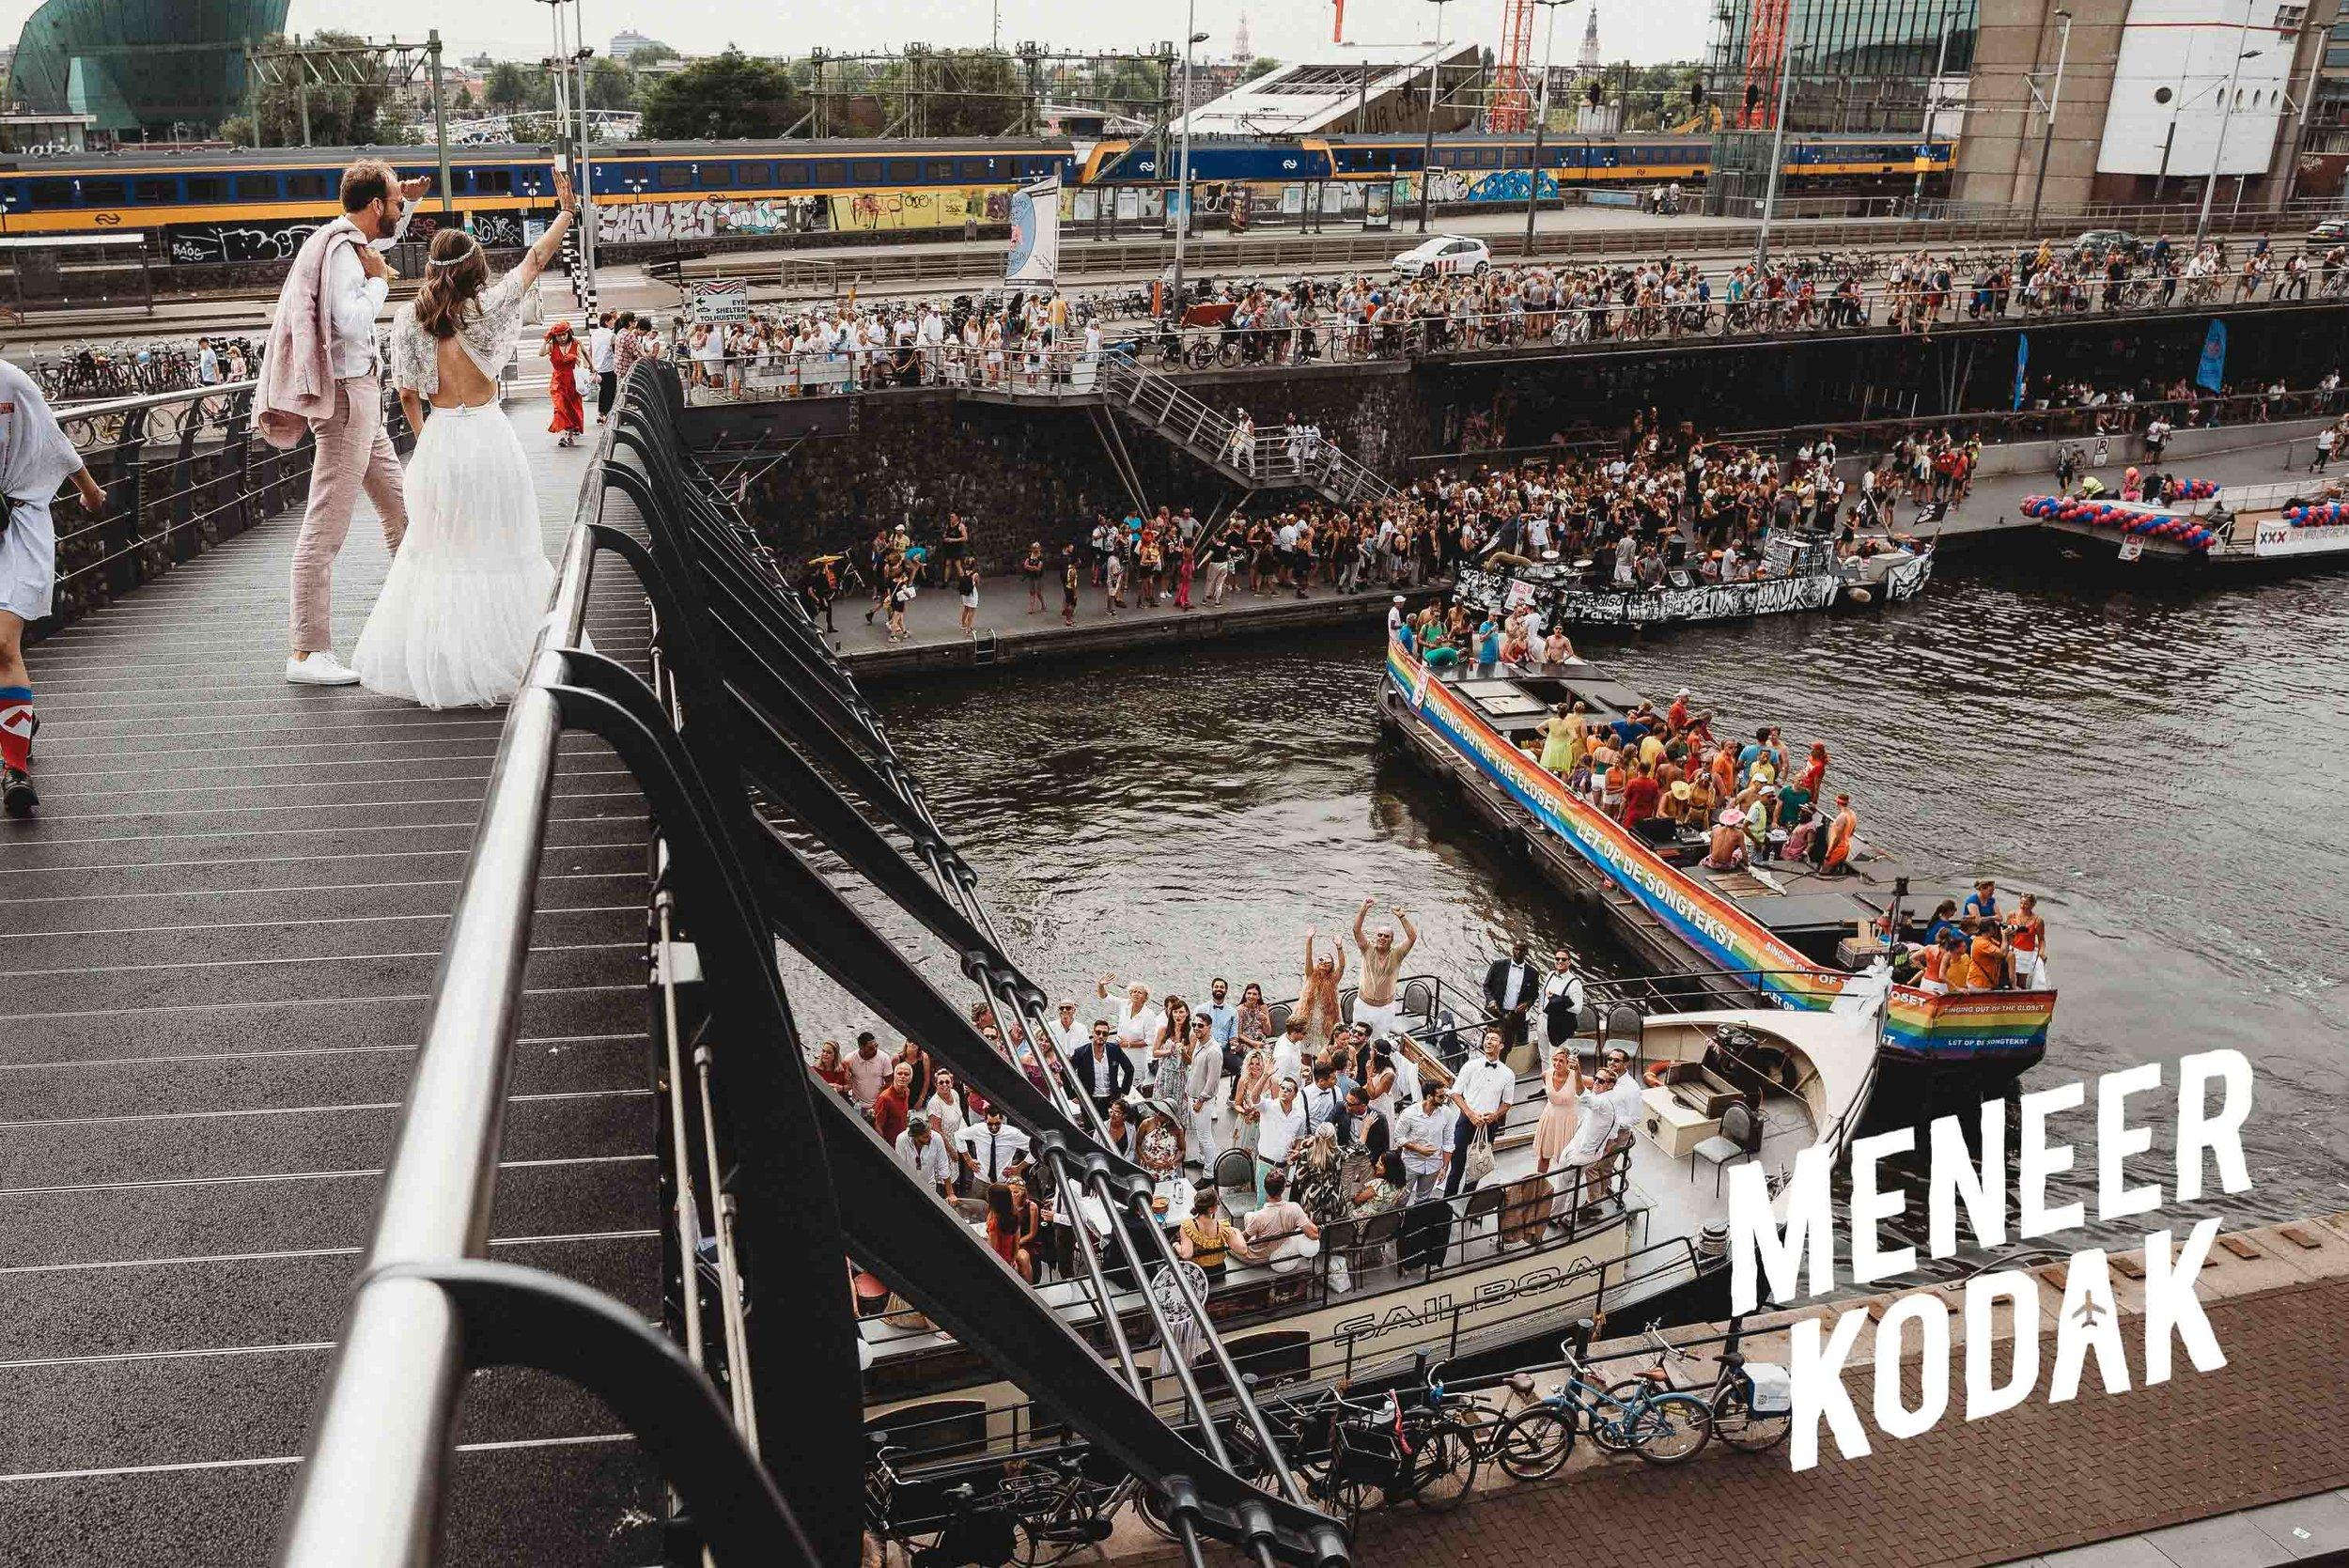 Meneer Kodak - Trouwfotograaf - Amsterdam - H&T-055.jpg